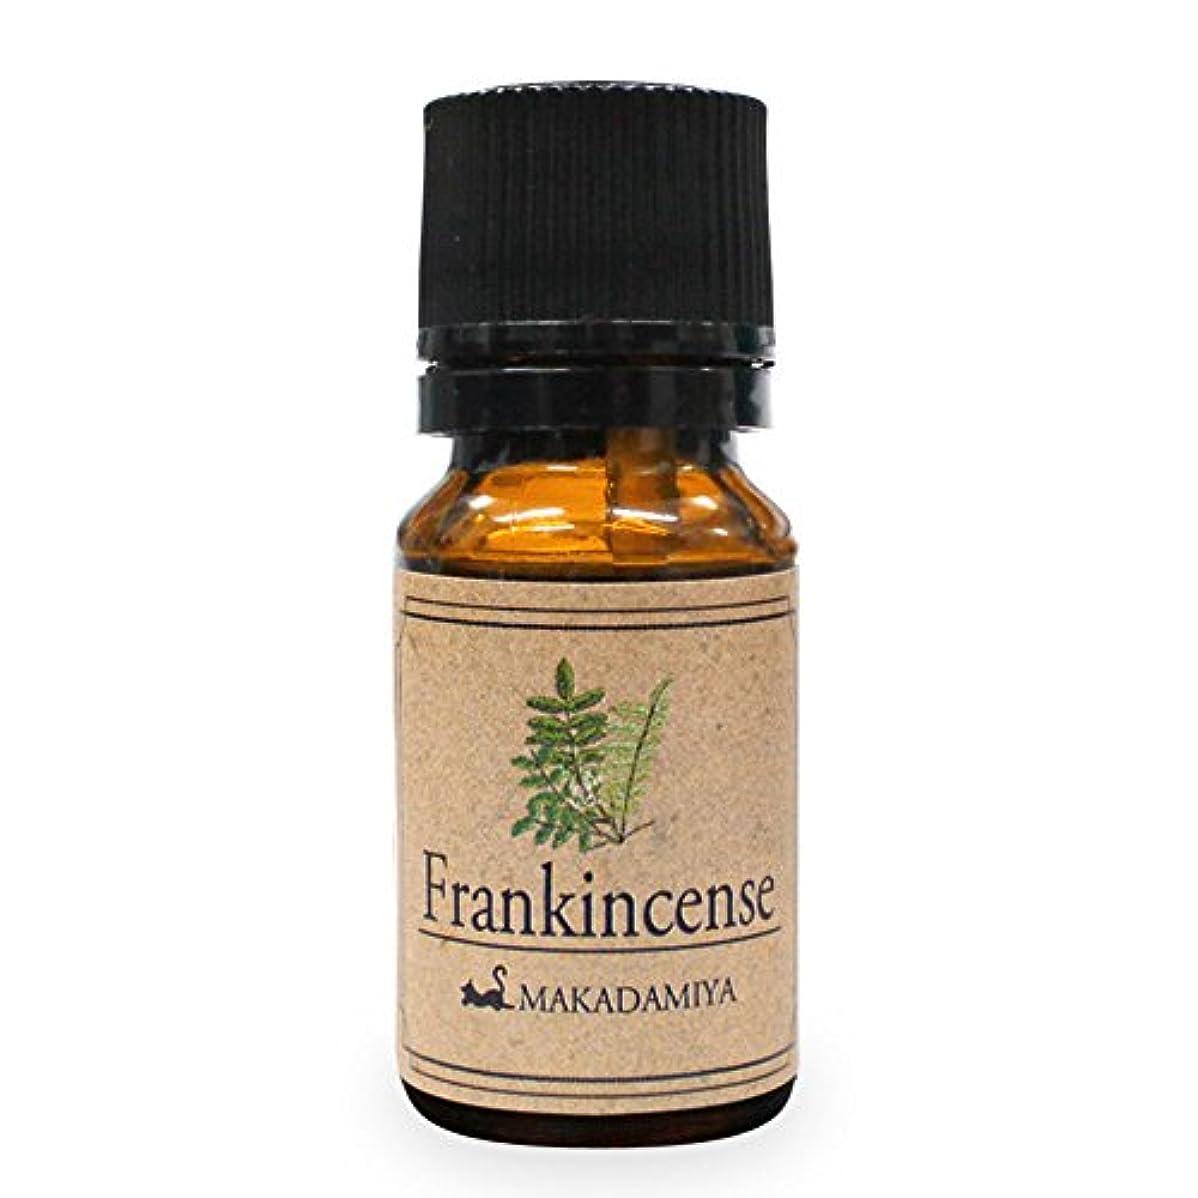 見つけた大佐ランデブーフランキンセンス10ml 天然100%植物性 エッセンシャルオイル(精油) アロマオイル アロママッサージ aroma Frankincense